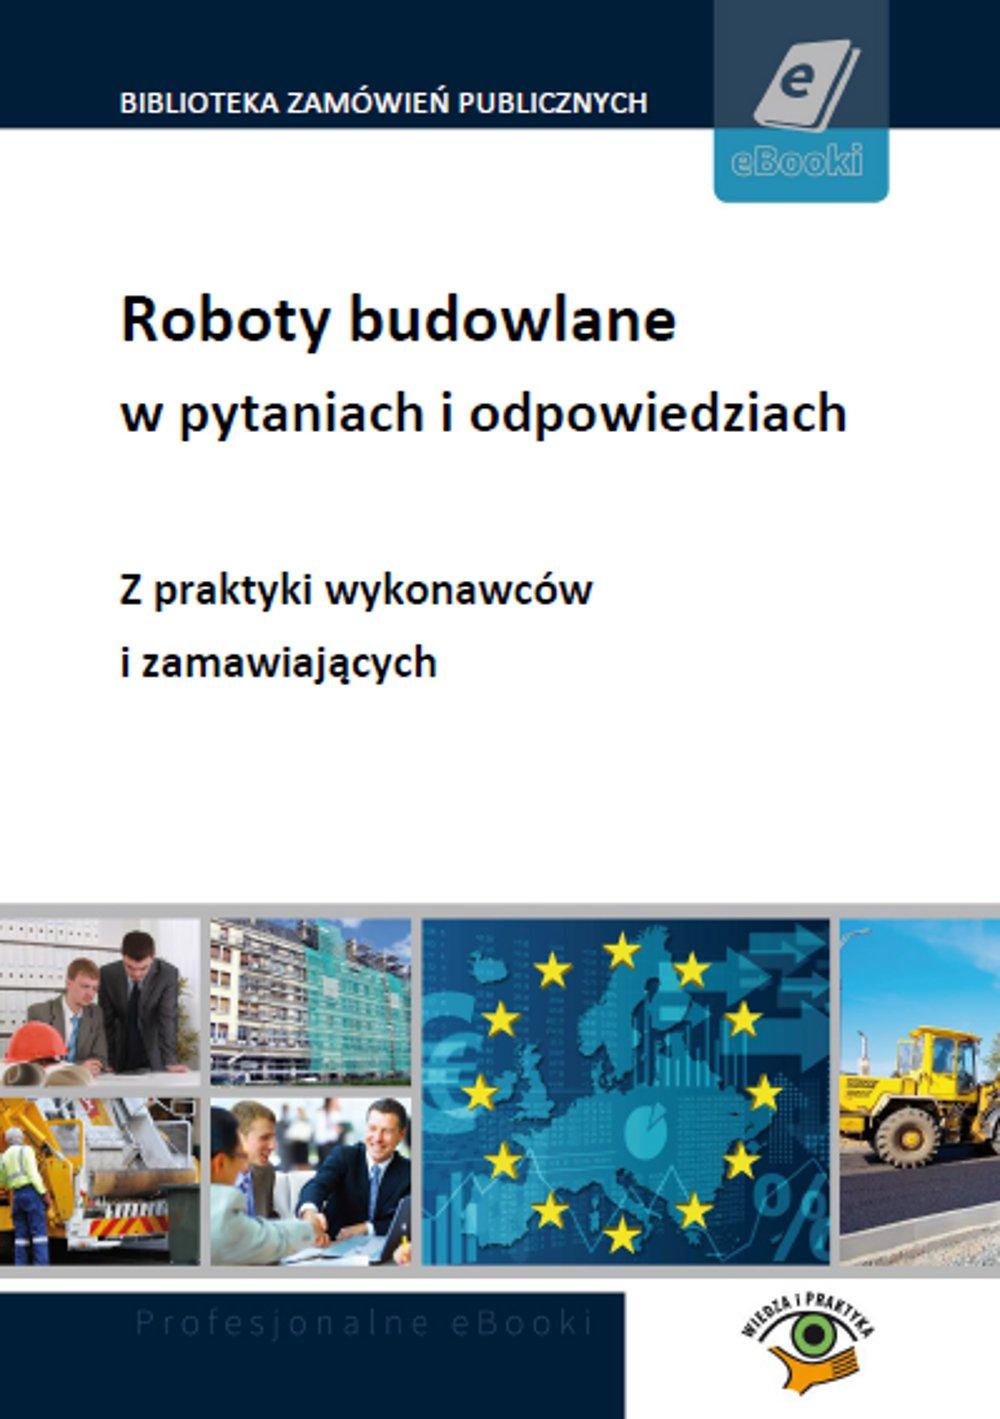 Roboty budowlane w pytaniach i odpowiedziach – z praktyki zamawiających i wykonawców - Ebook (Książka PDF) do pobrania w formacie PDF